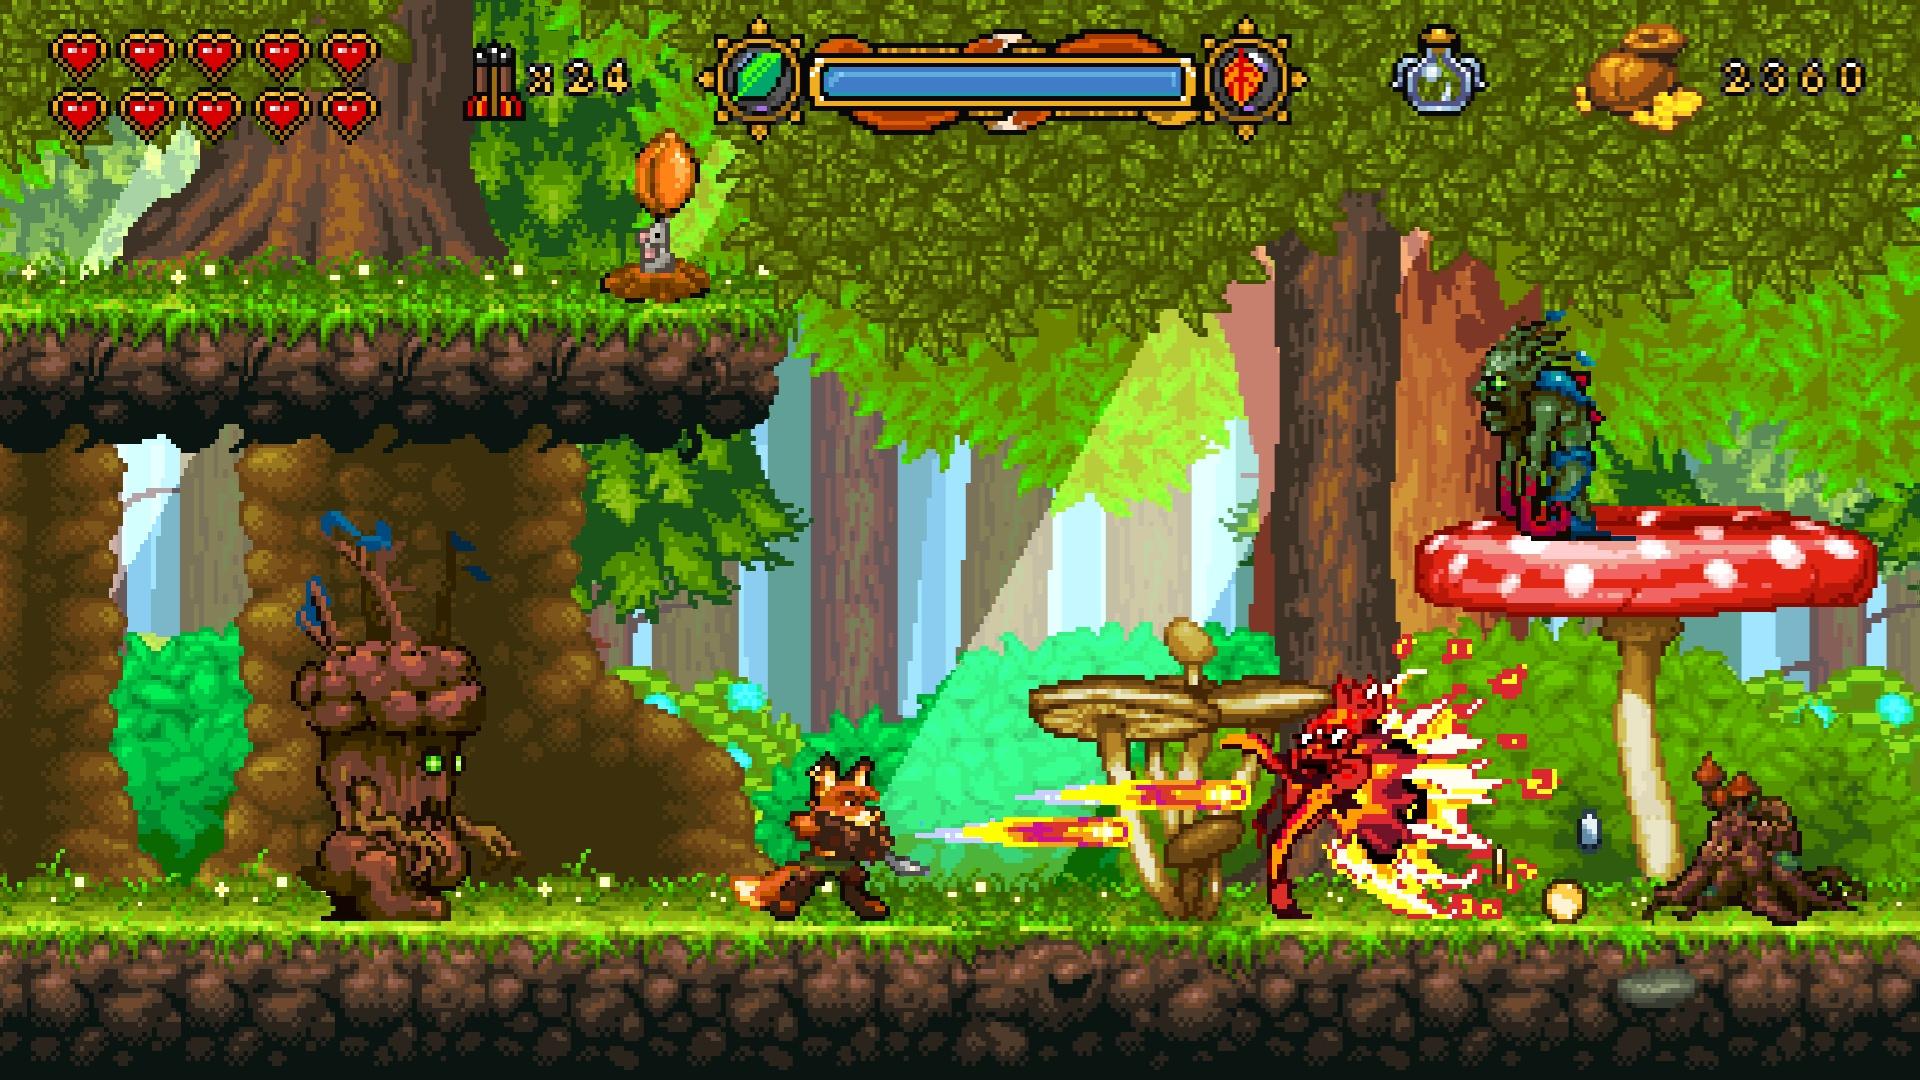 Retro inspirado en 'Fox' n 'Forests' es lanzado para PC y consolas